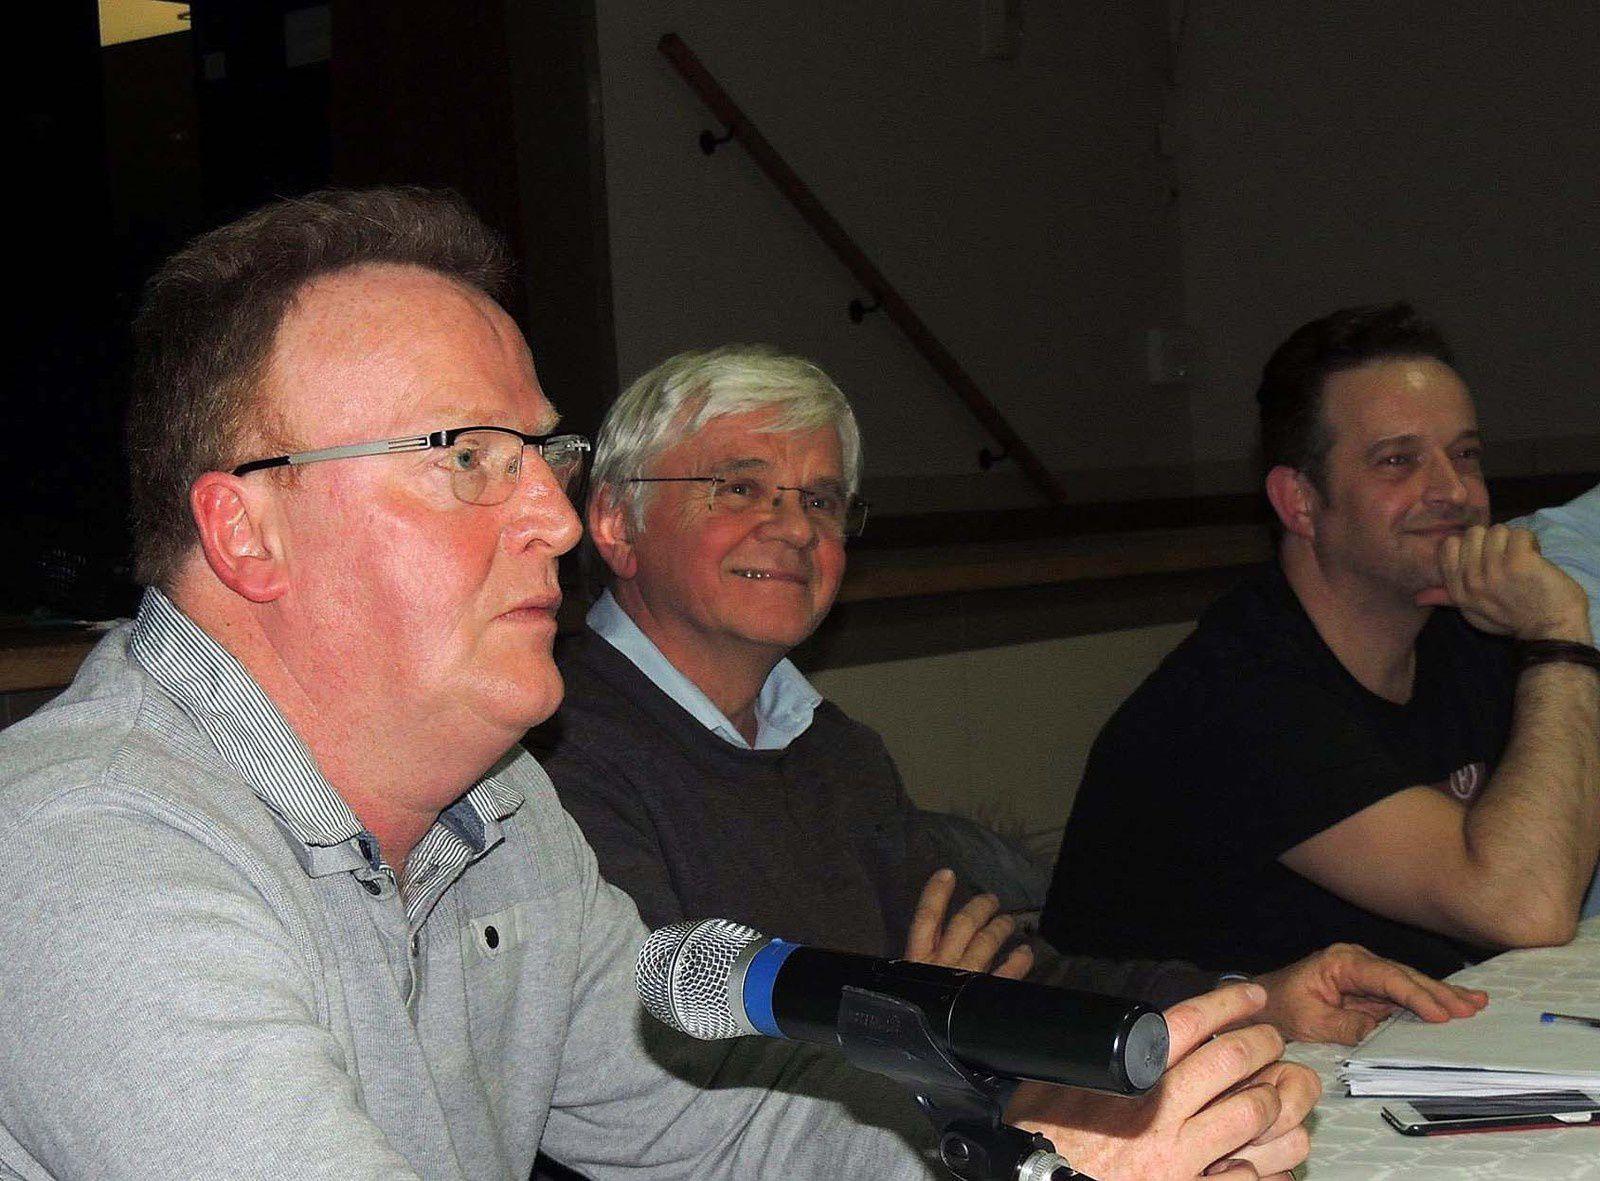 De gauche à droite : Hervé Poly fédération communiste du Pas-de-Calais, Jean Haja, maire communiste de Rouvroy et le délégué syndical CGT, Mickaël Wamen